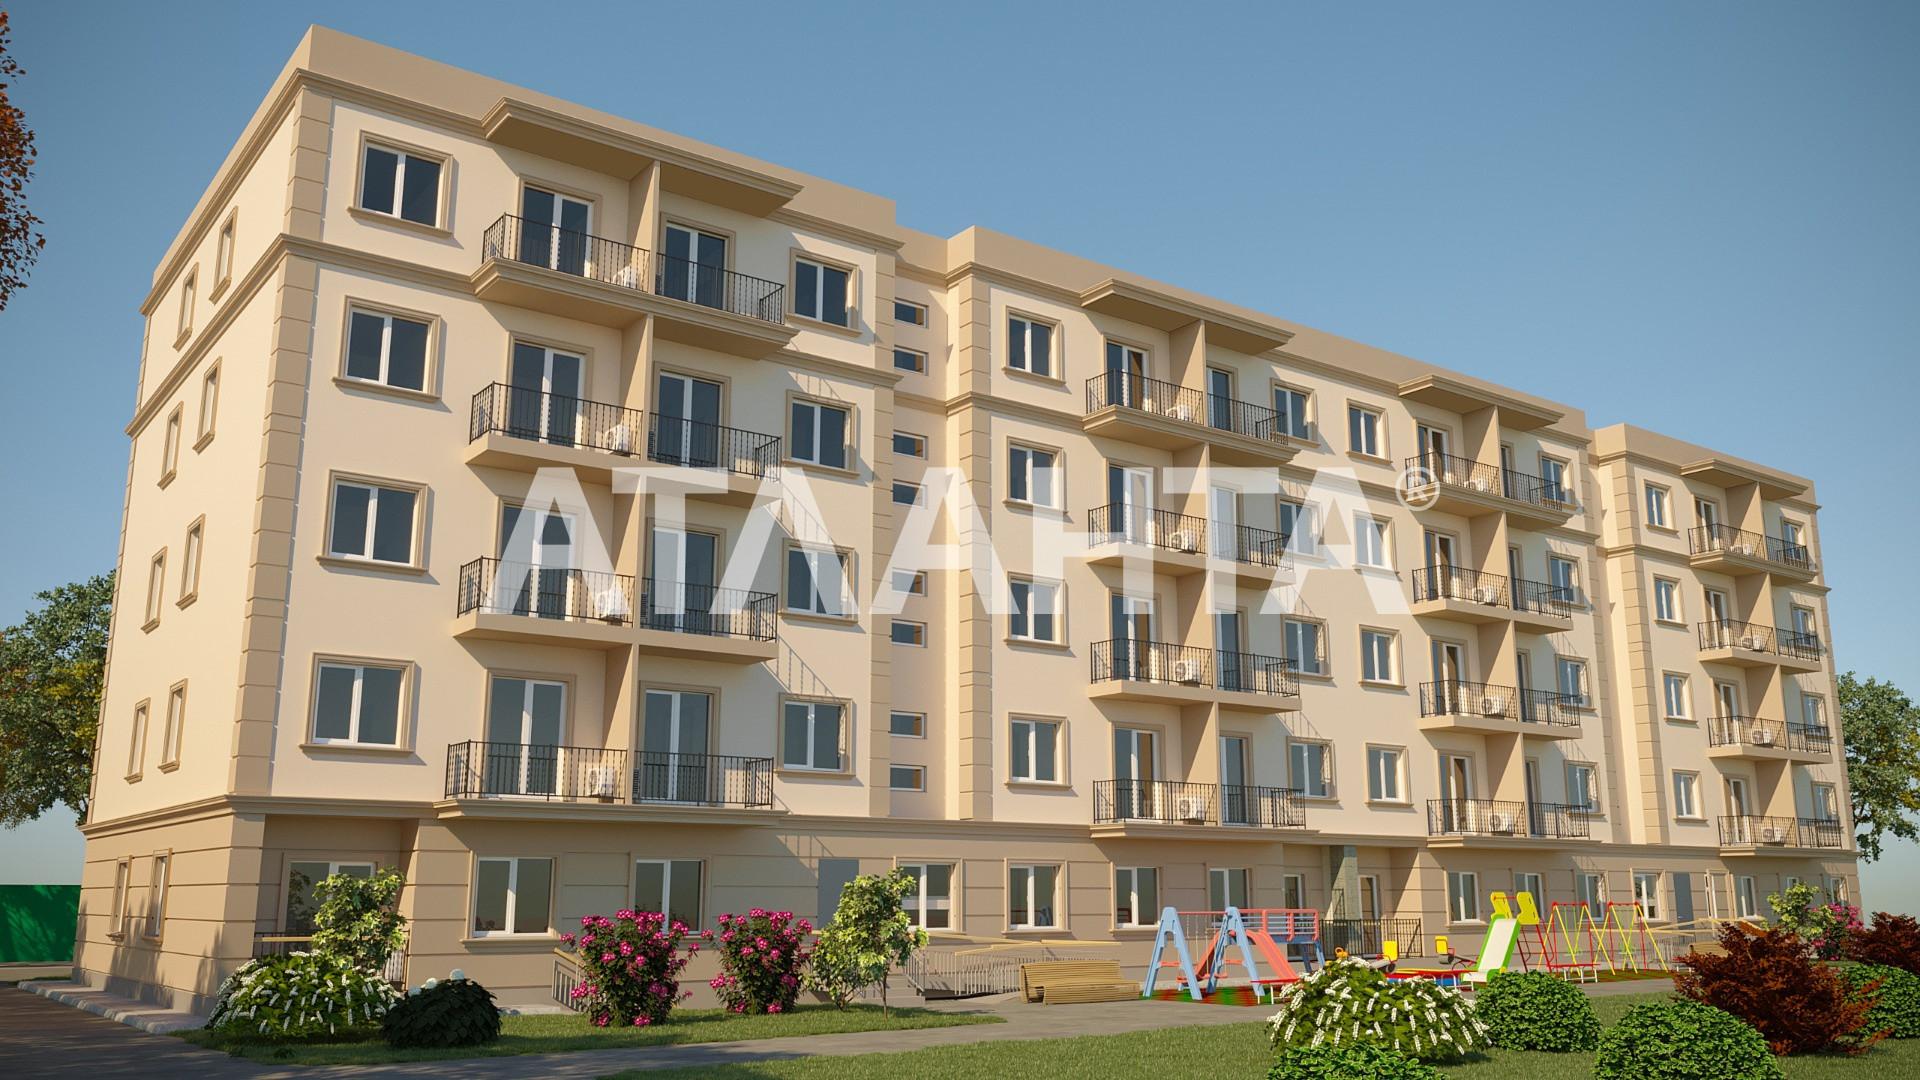 Продается 2-комнатная Квартира на ул. Люстдорфская Дор. (Черноморская Дор.) — 42 550 у.е. (фото №2)